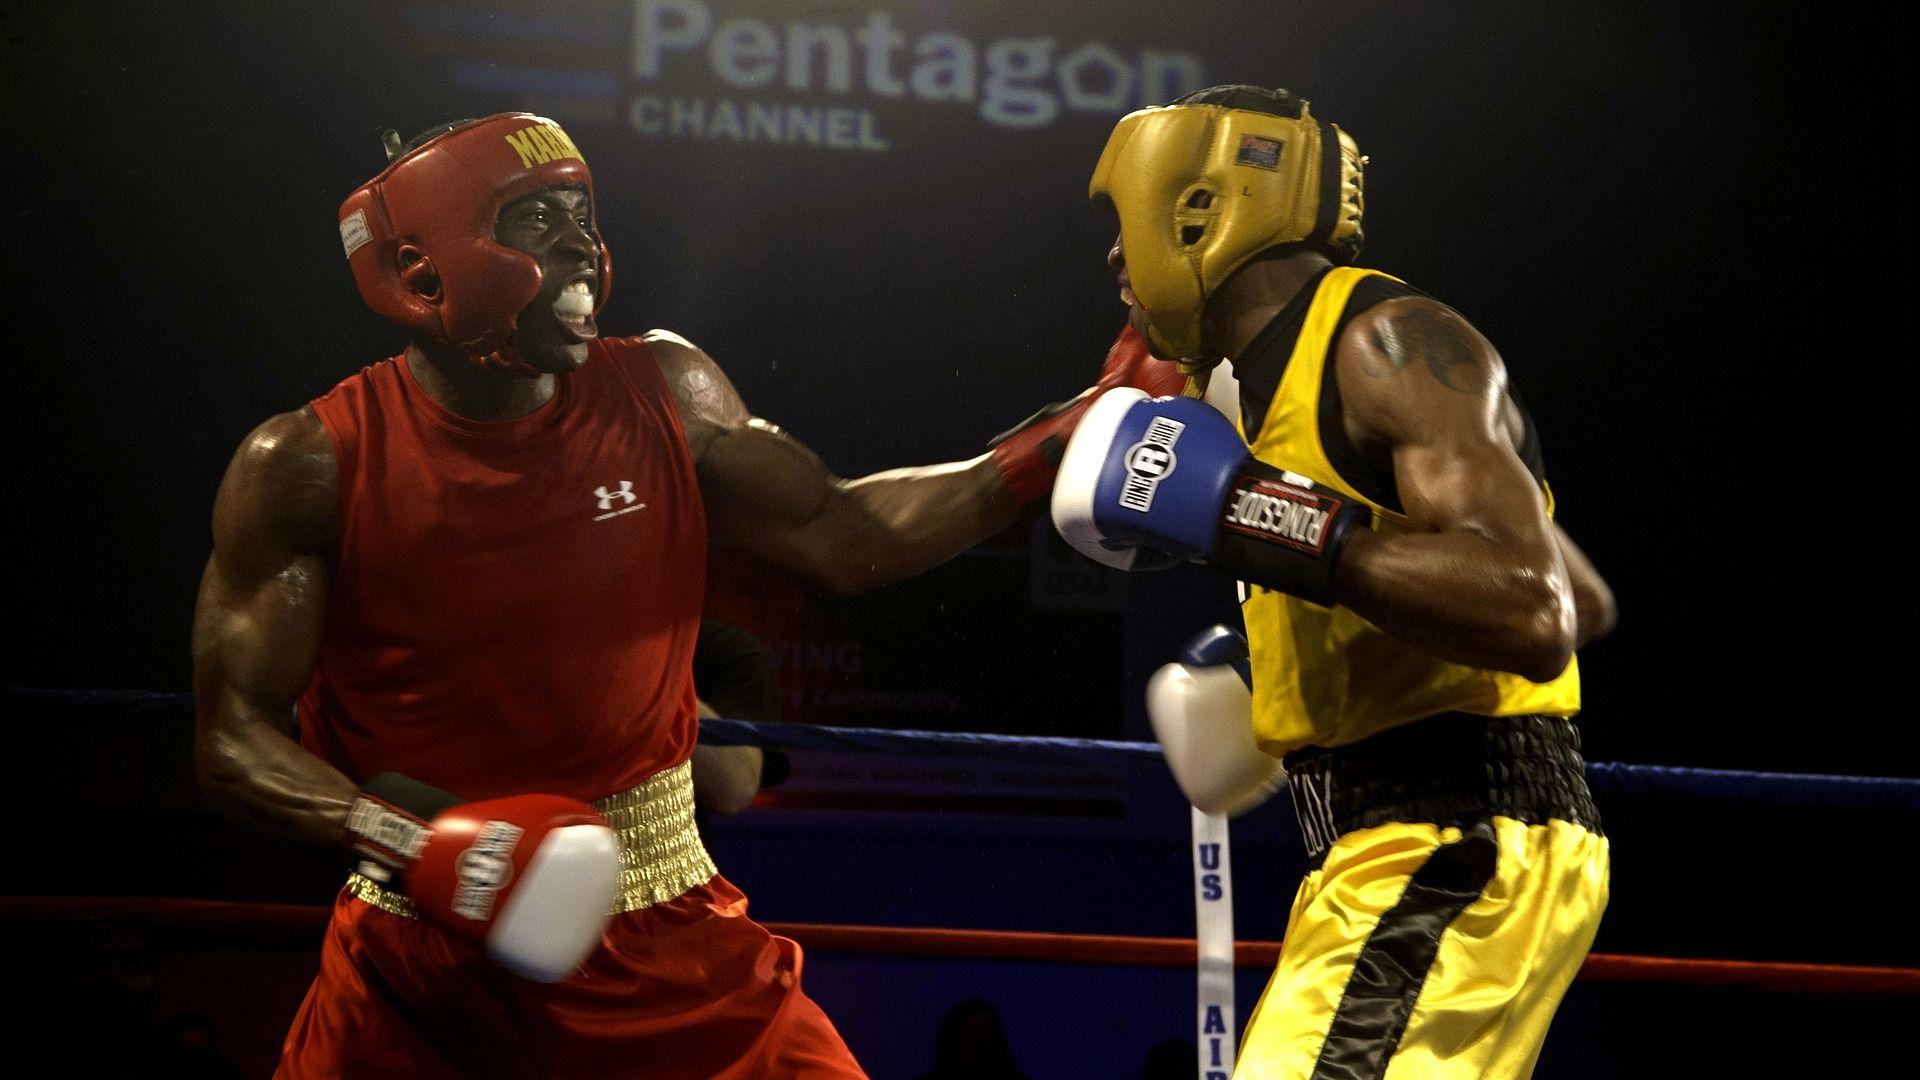 Empieza a entrenar boxeo ya